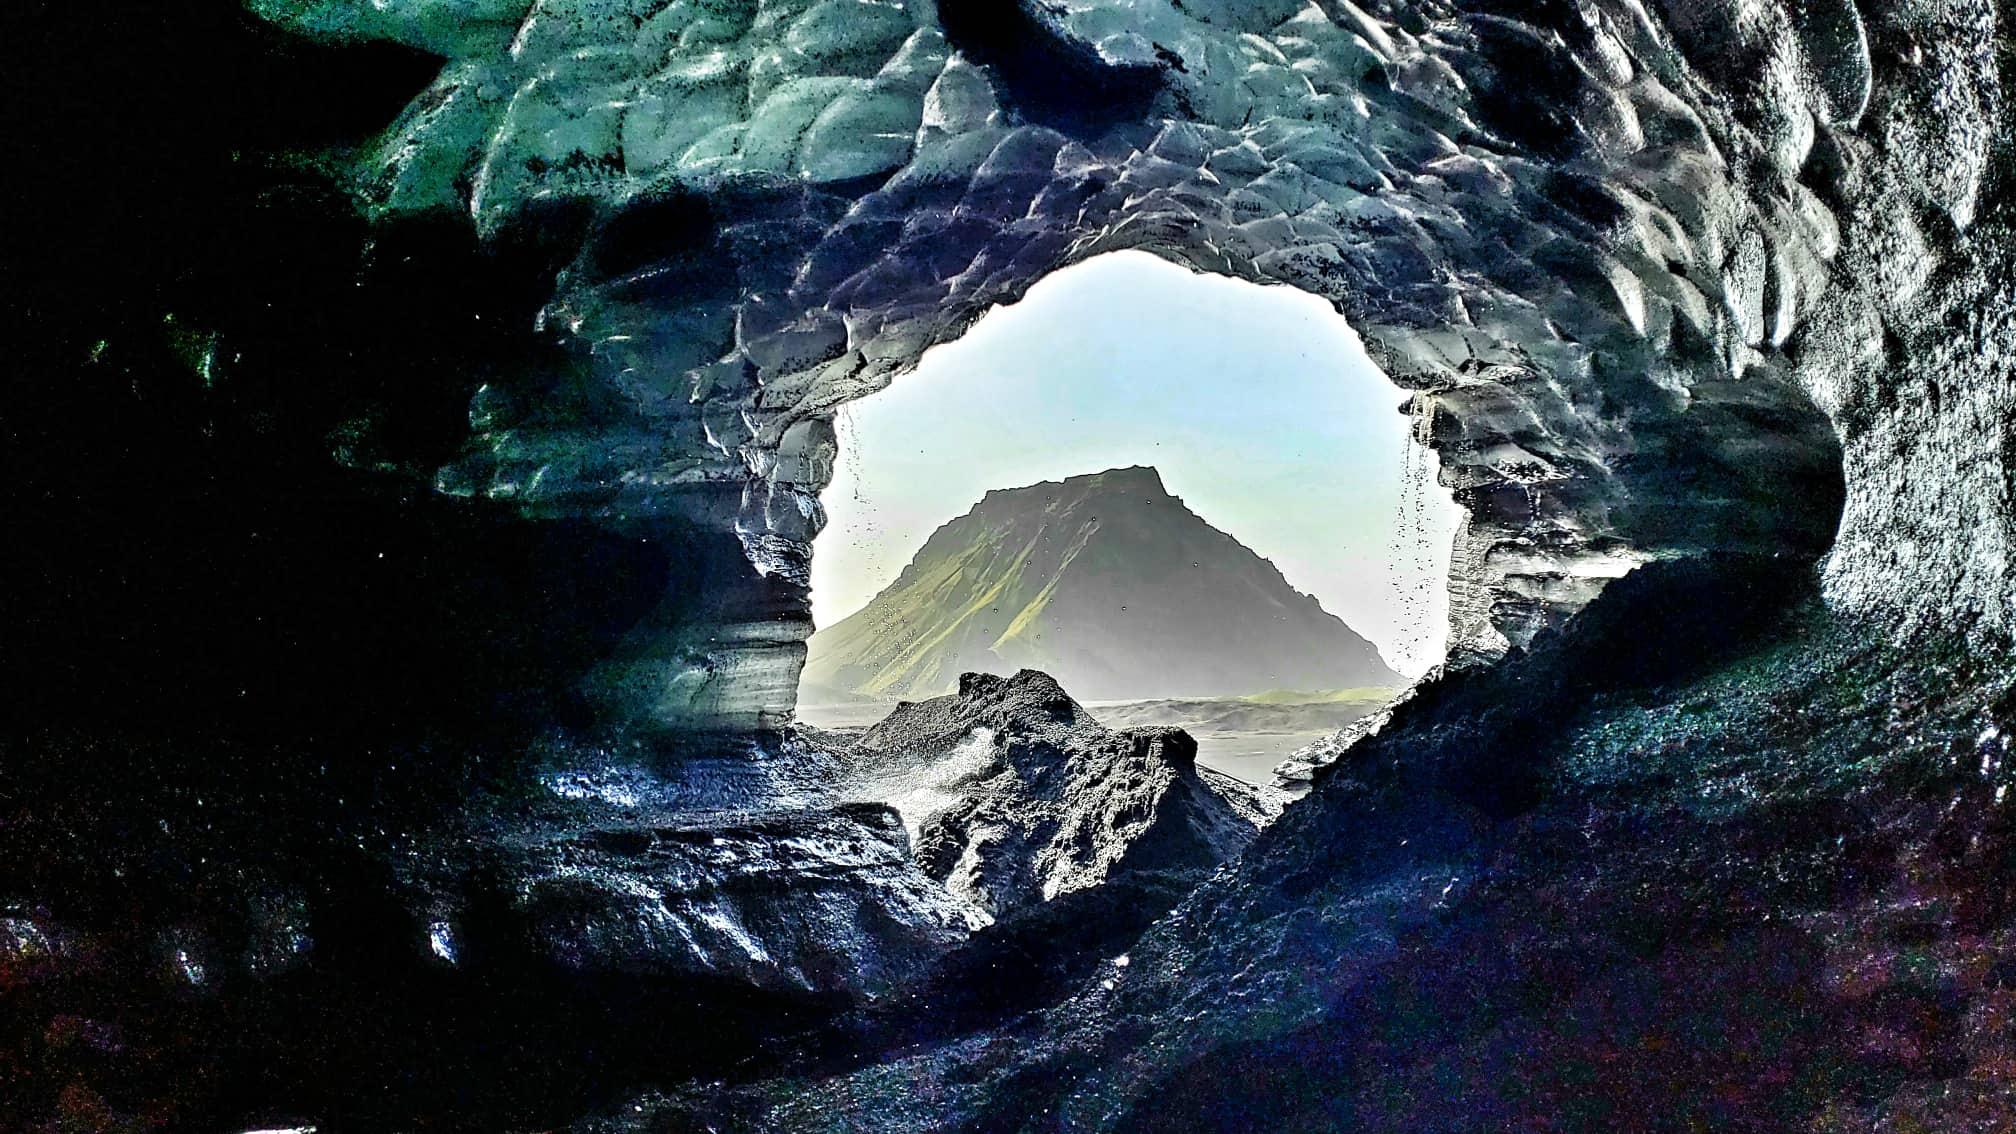 卡特拉火山黑冰洞是冰岛众多冰川冰洞的其中一个